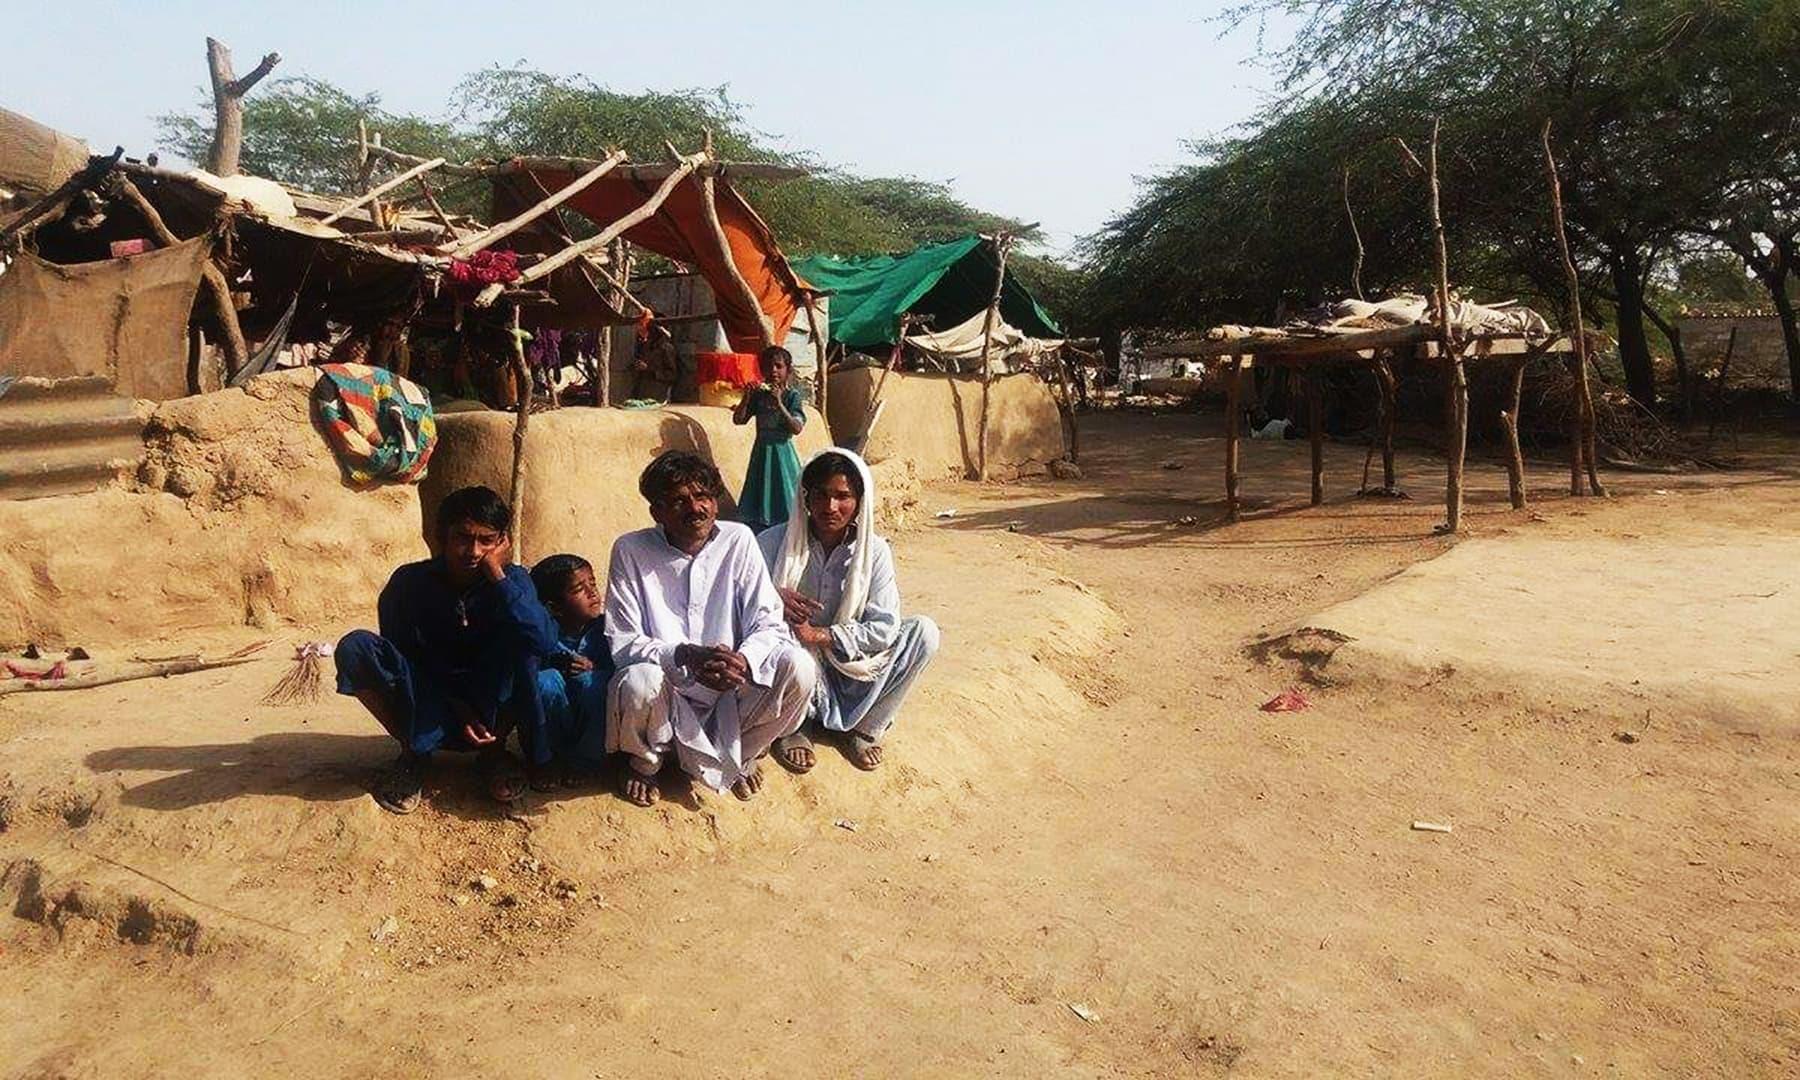 گاؤں والے بجلی سمیت ہر قسم کی بنیادی سہولیات سے محروم ہیں—تصویر شبینہ فراز